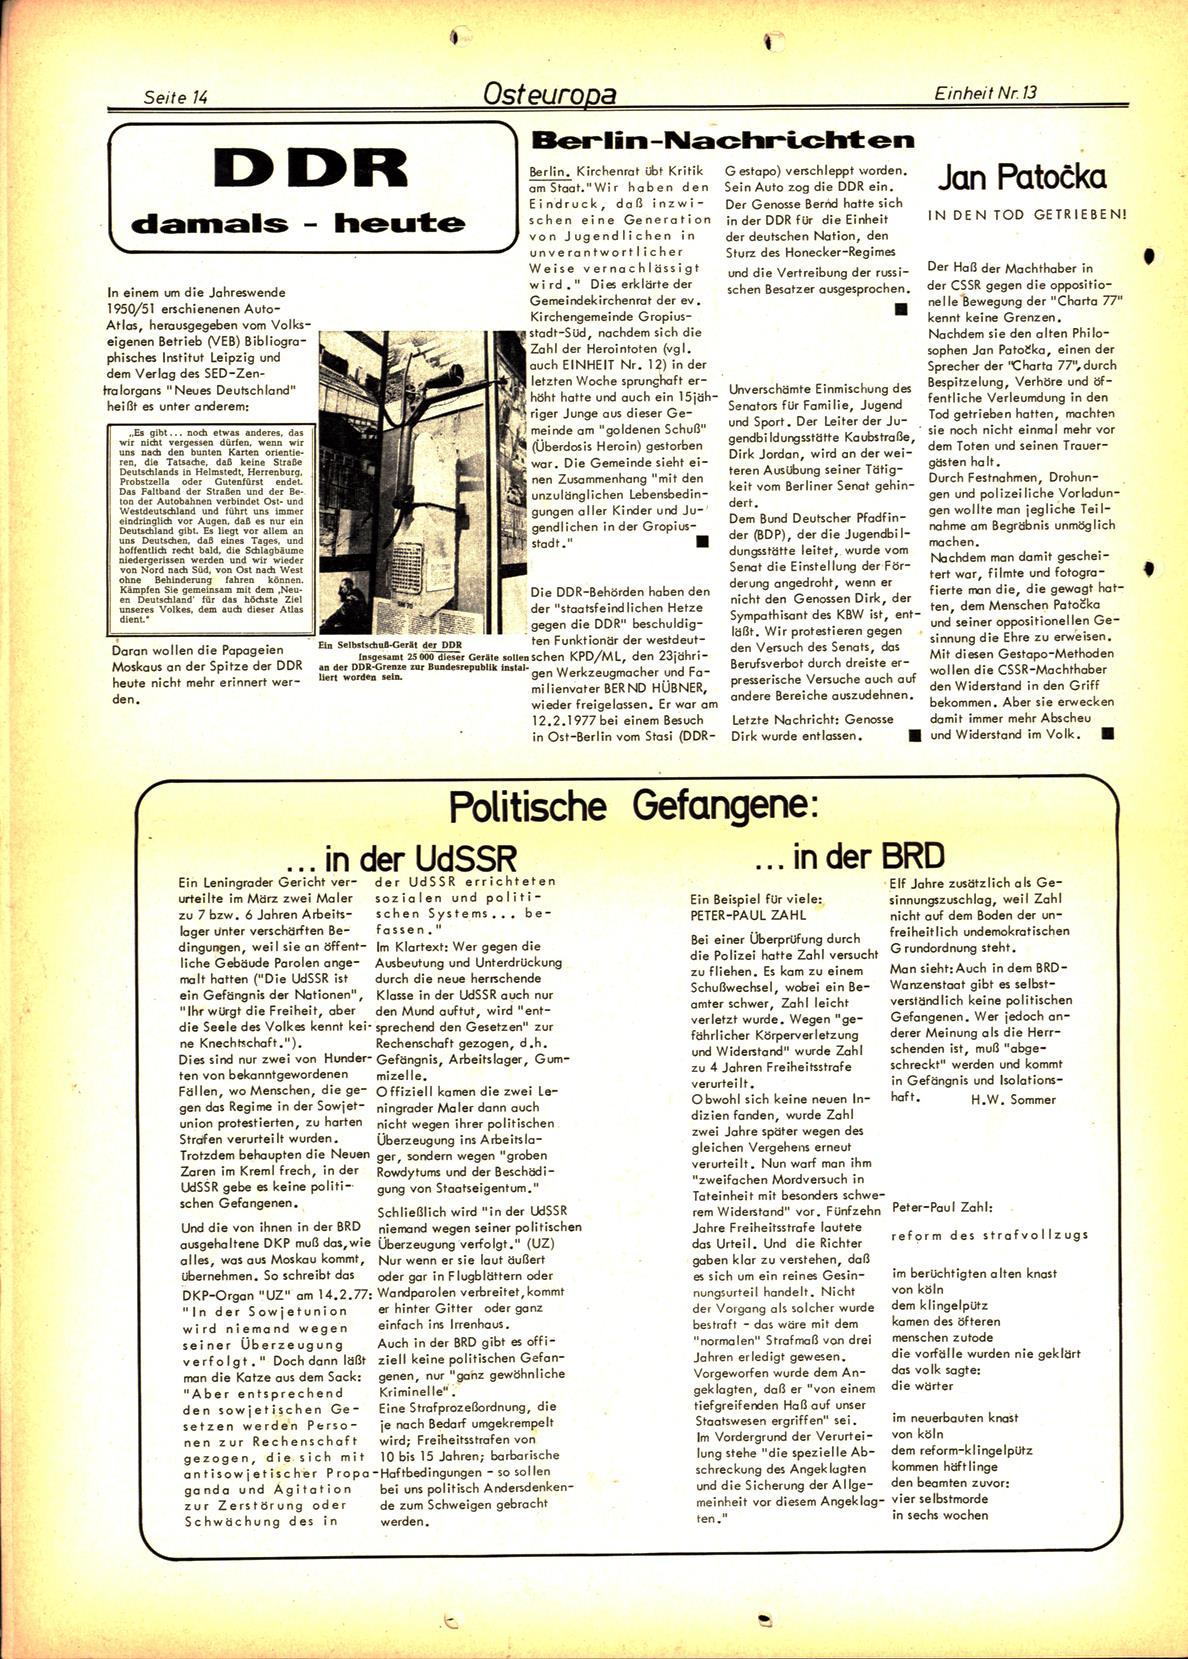 Koeln_IPdA_Einheit_1977_013_014